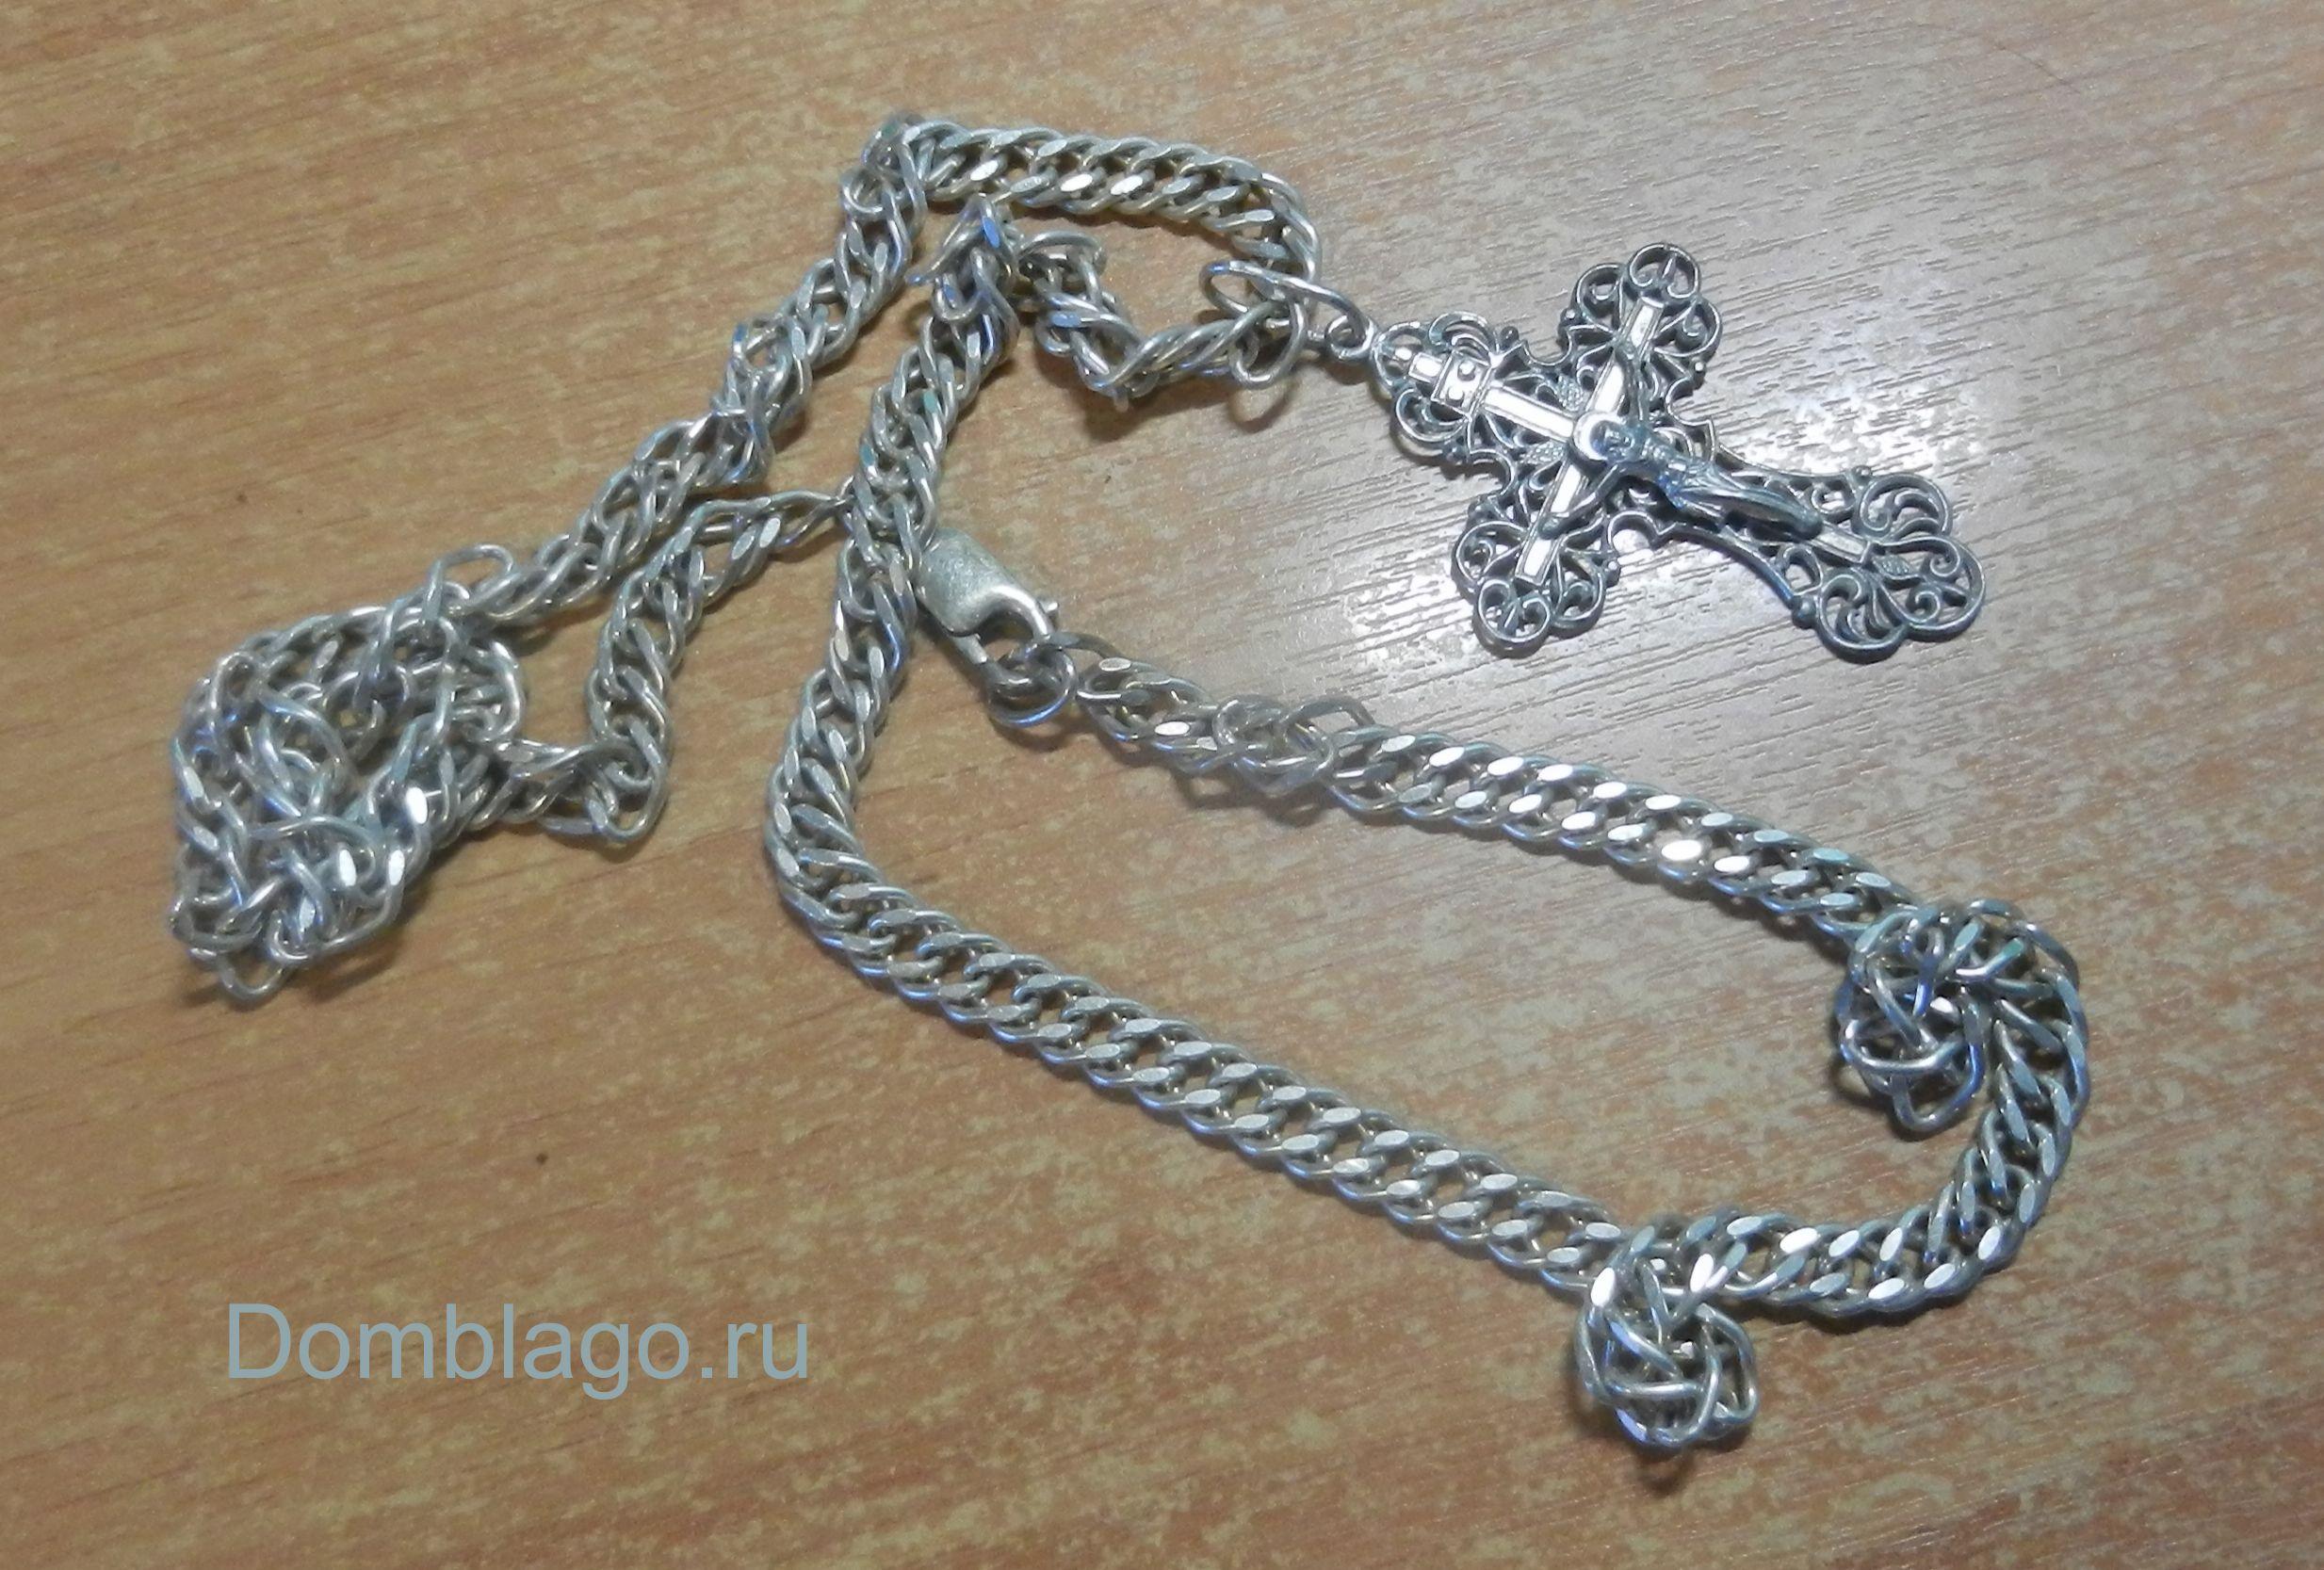 Как почистить серебро с камнями в домашних условиях